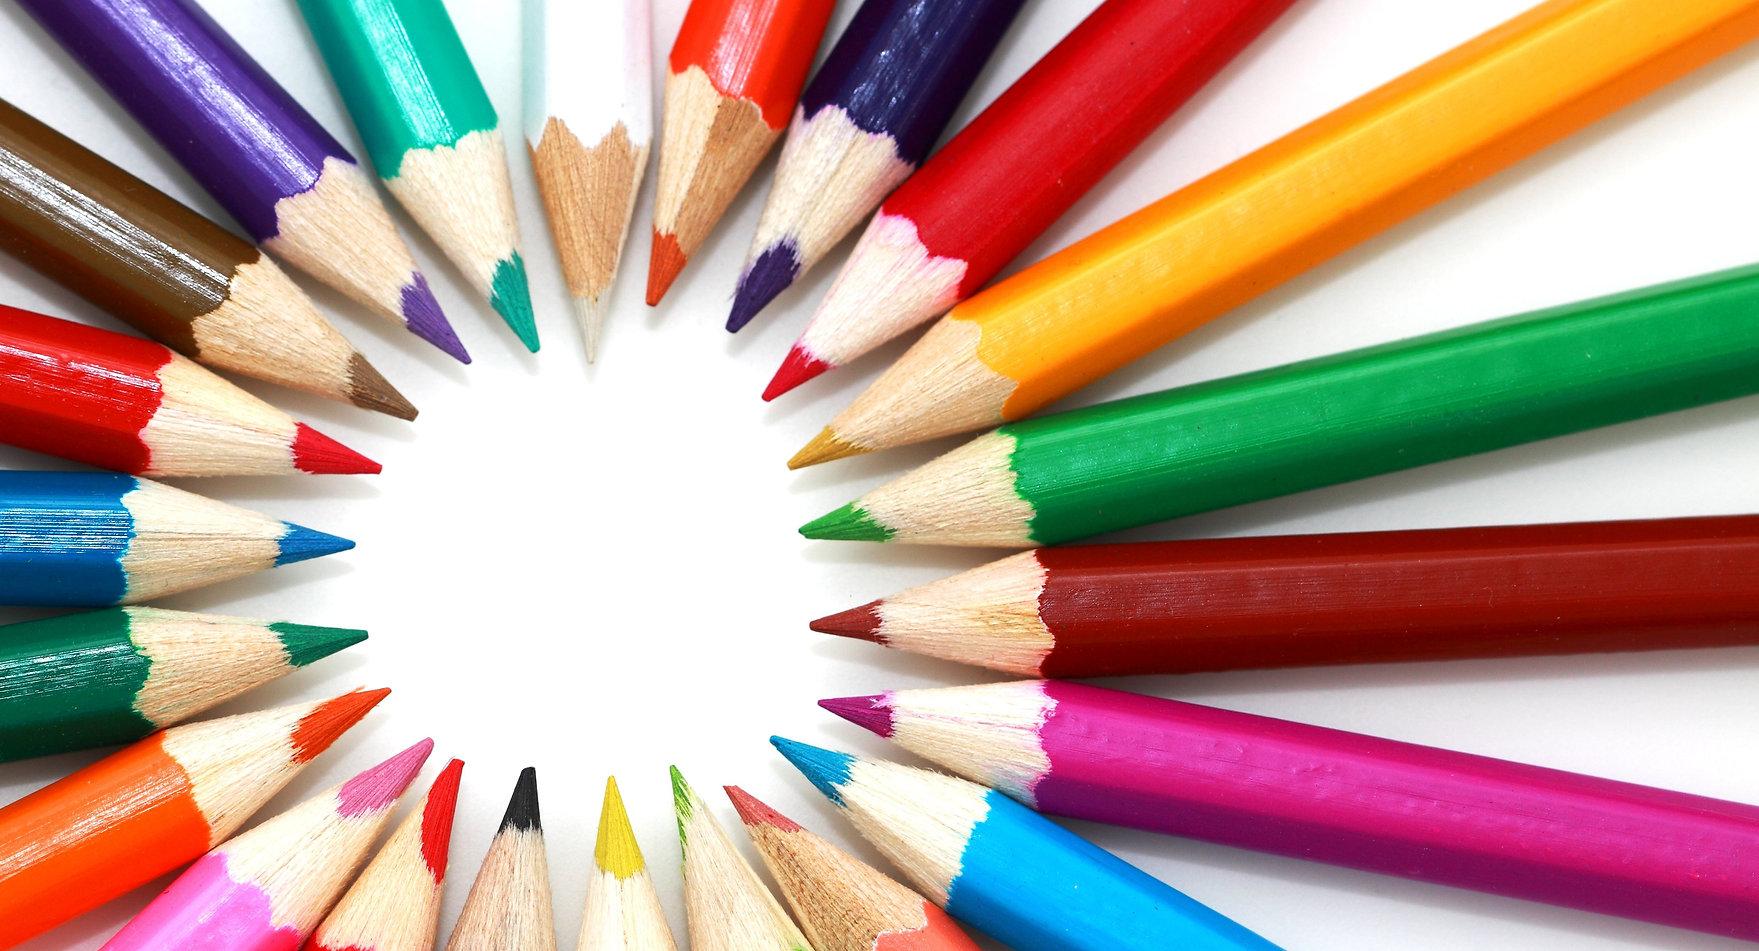 color-pencils-colorful-colour-pencils-42